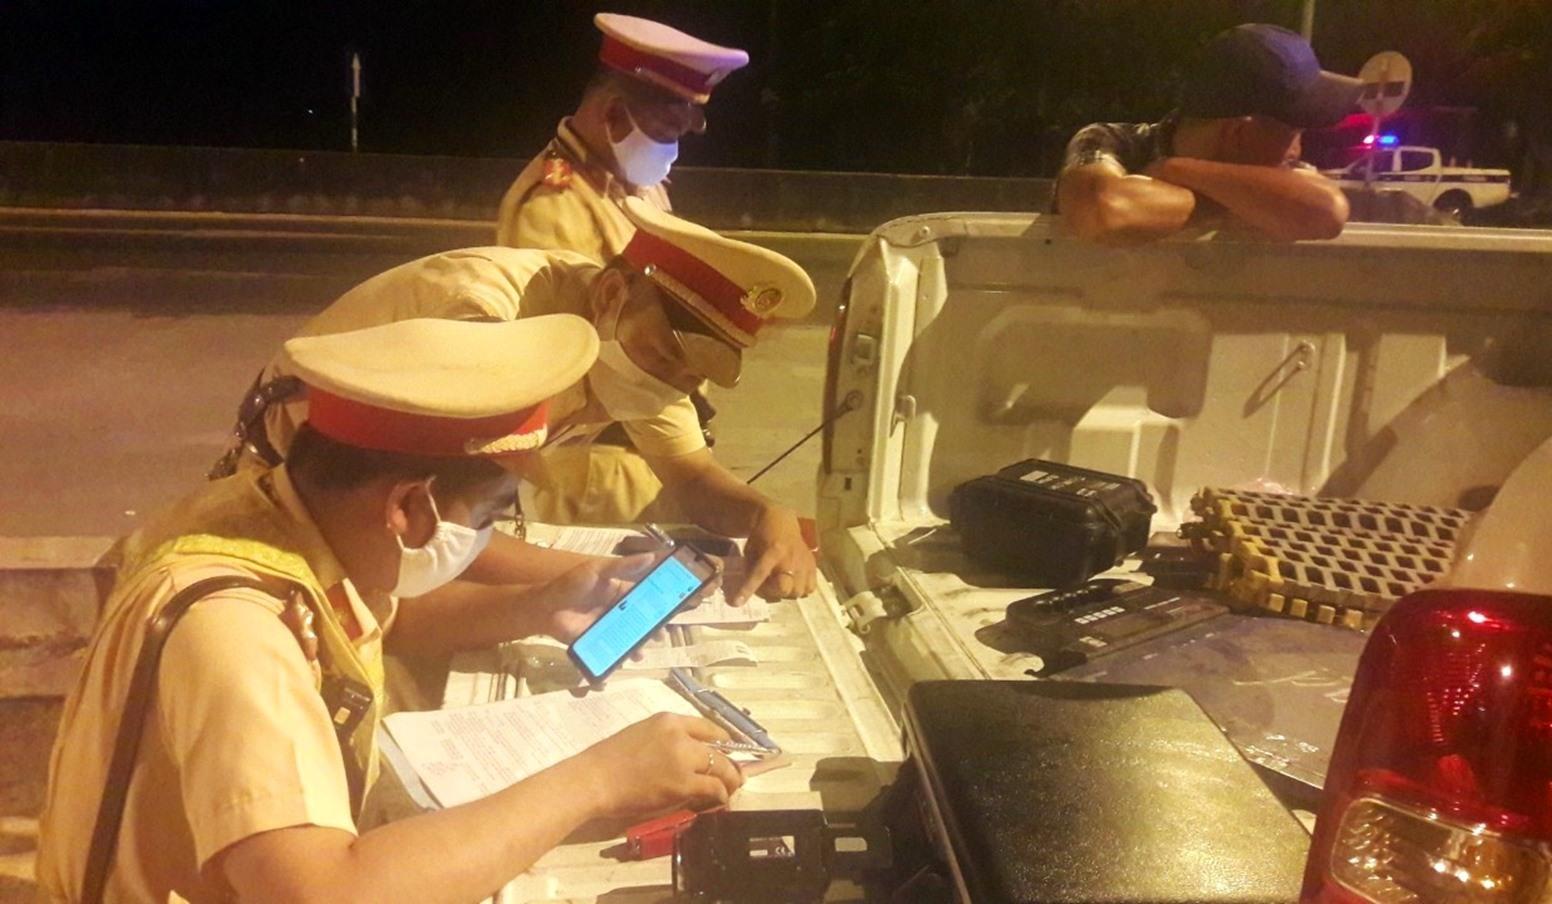 Lực lượng CSGT sẽ tăng cường tuần tra, xử lý vi phạm, đặc biệt là vi phạm nồng độ cồn đối với các tài xế lái xe. Ảnh: T.C